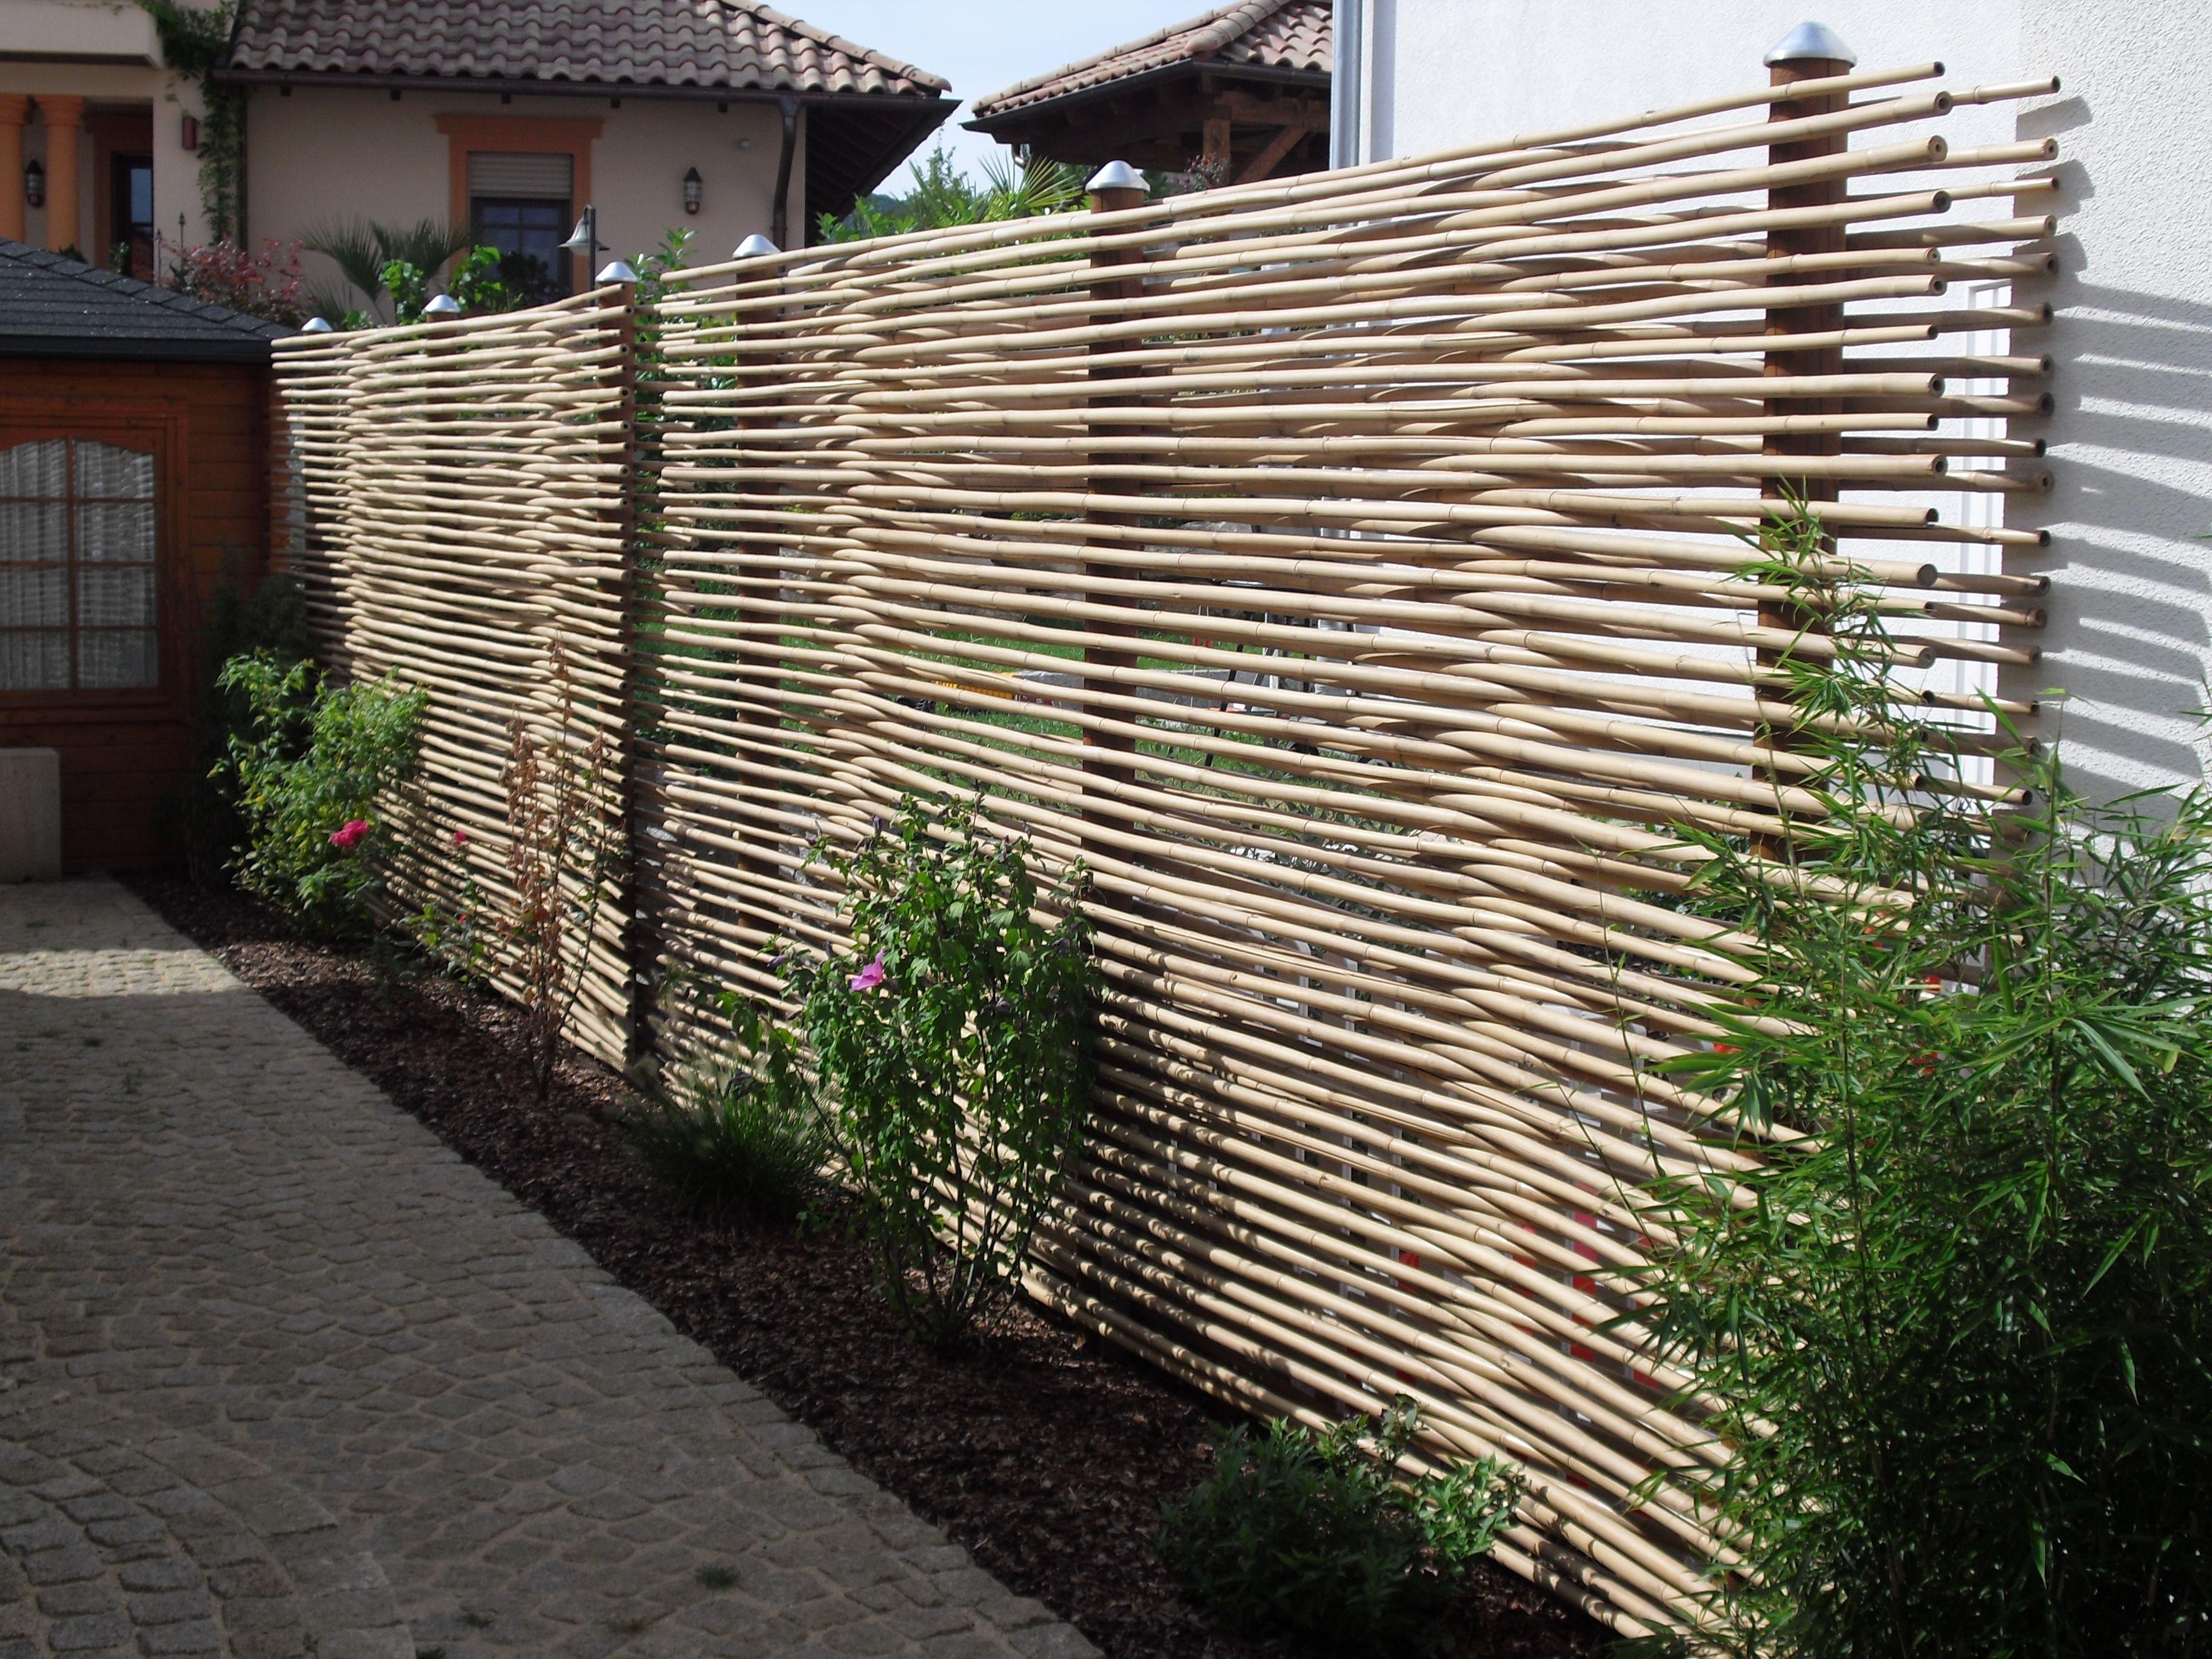 Bambus Sichtschutz Fur Den Garten Sichtschutz Garten Bambus